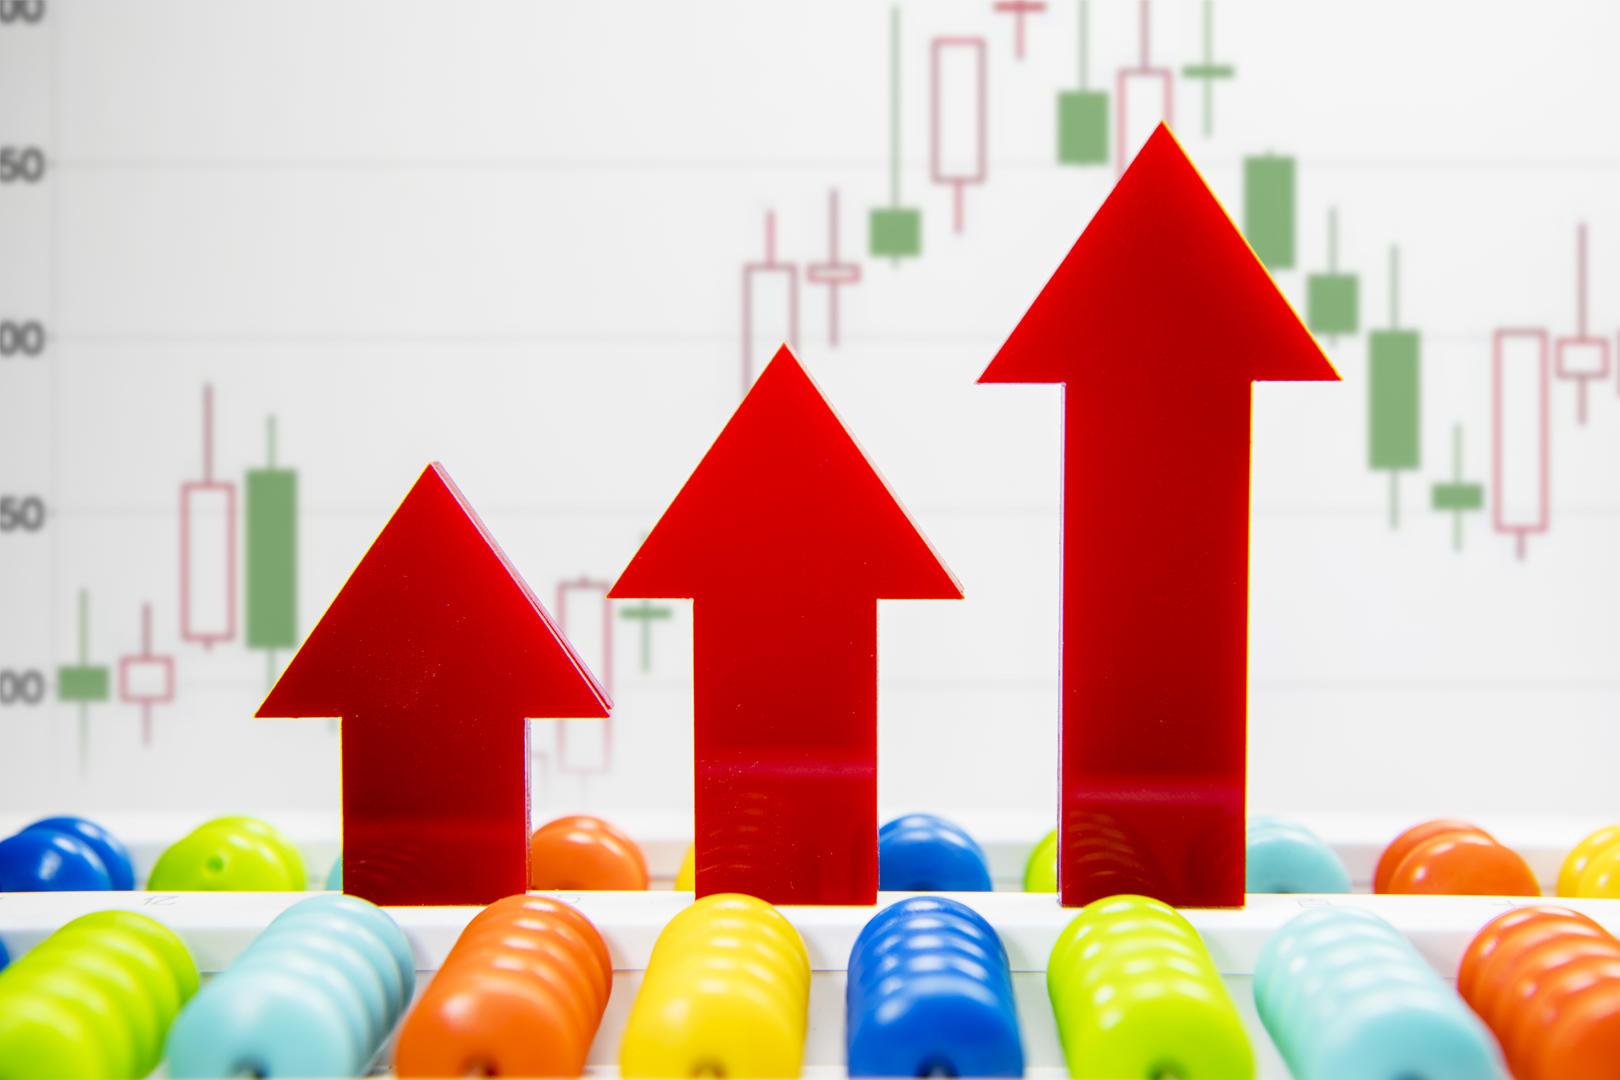 10月19日量子通信板块爆发,科大国创、蓝盾股份等多股涨停